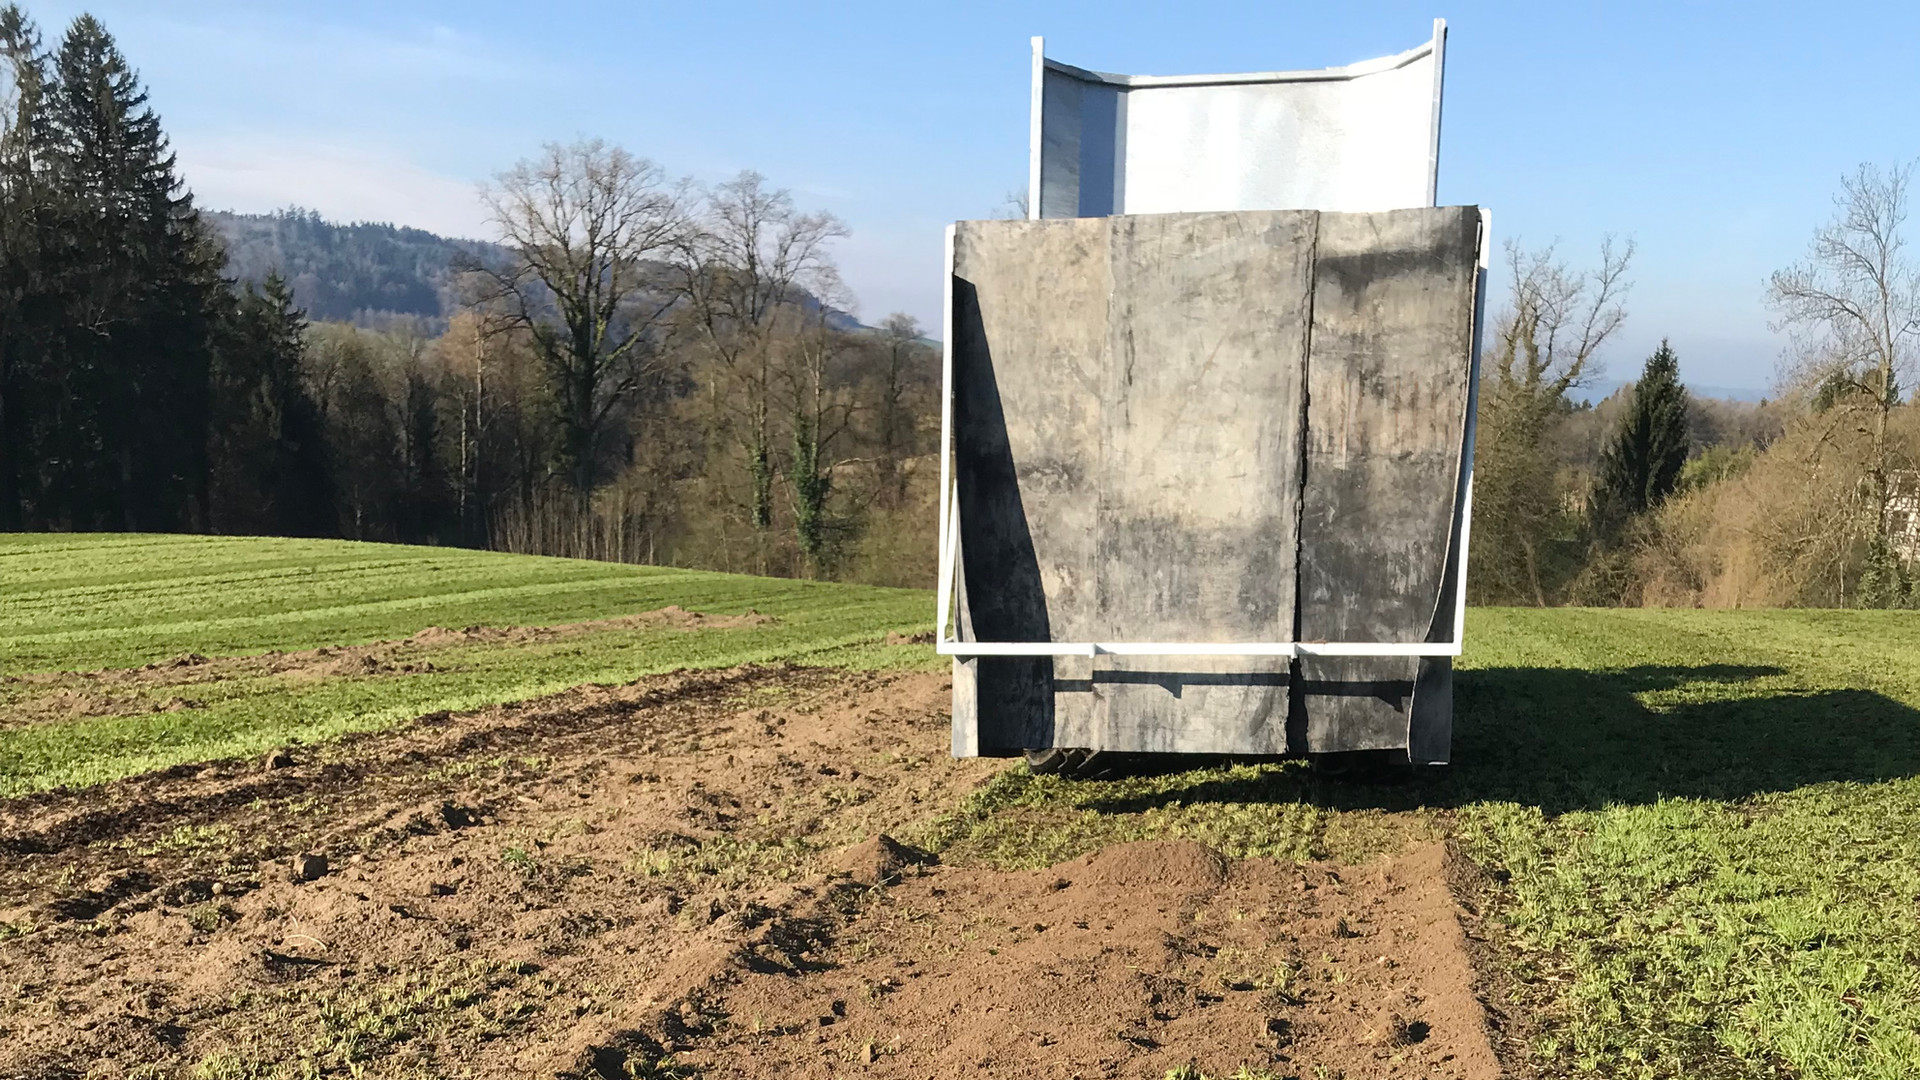 Ausbringen von Hilfstoffen und Bodenmate